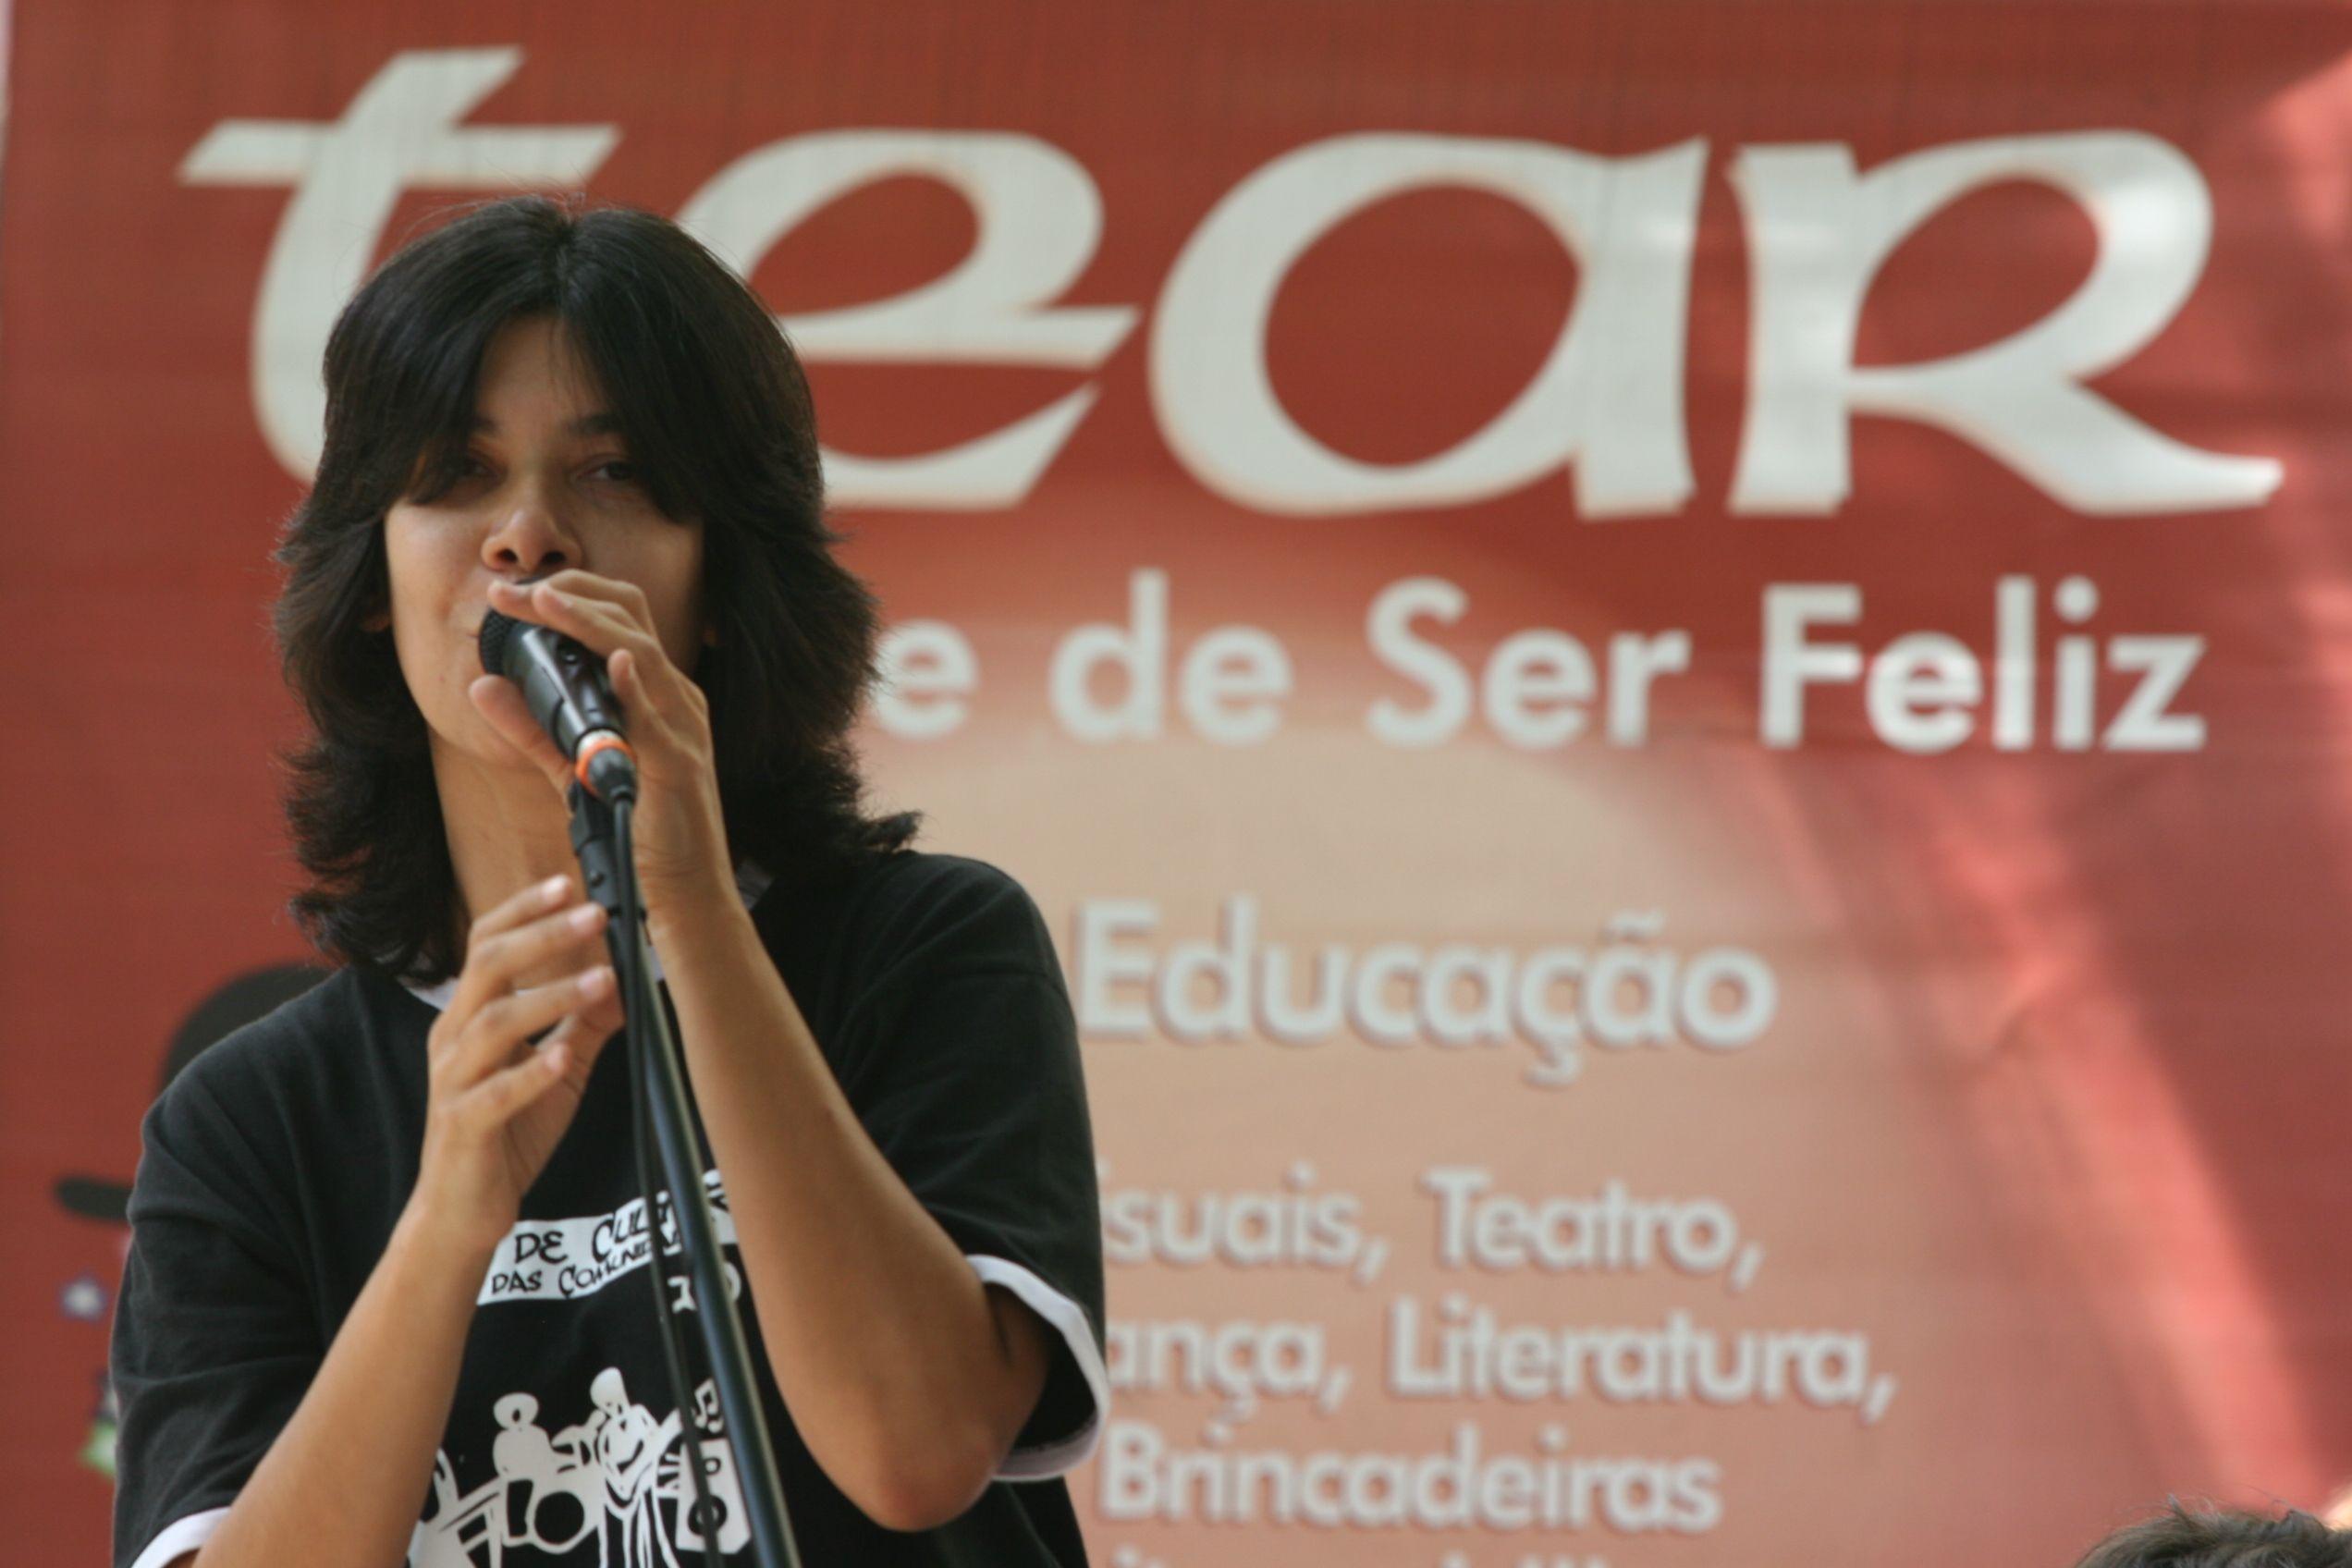 Festa da Rua 2006